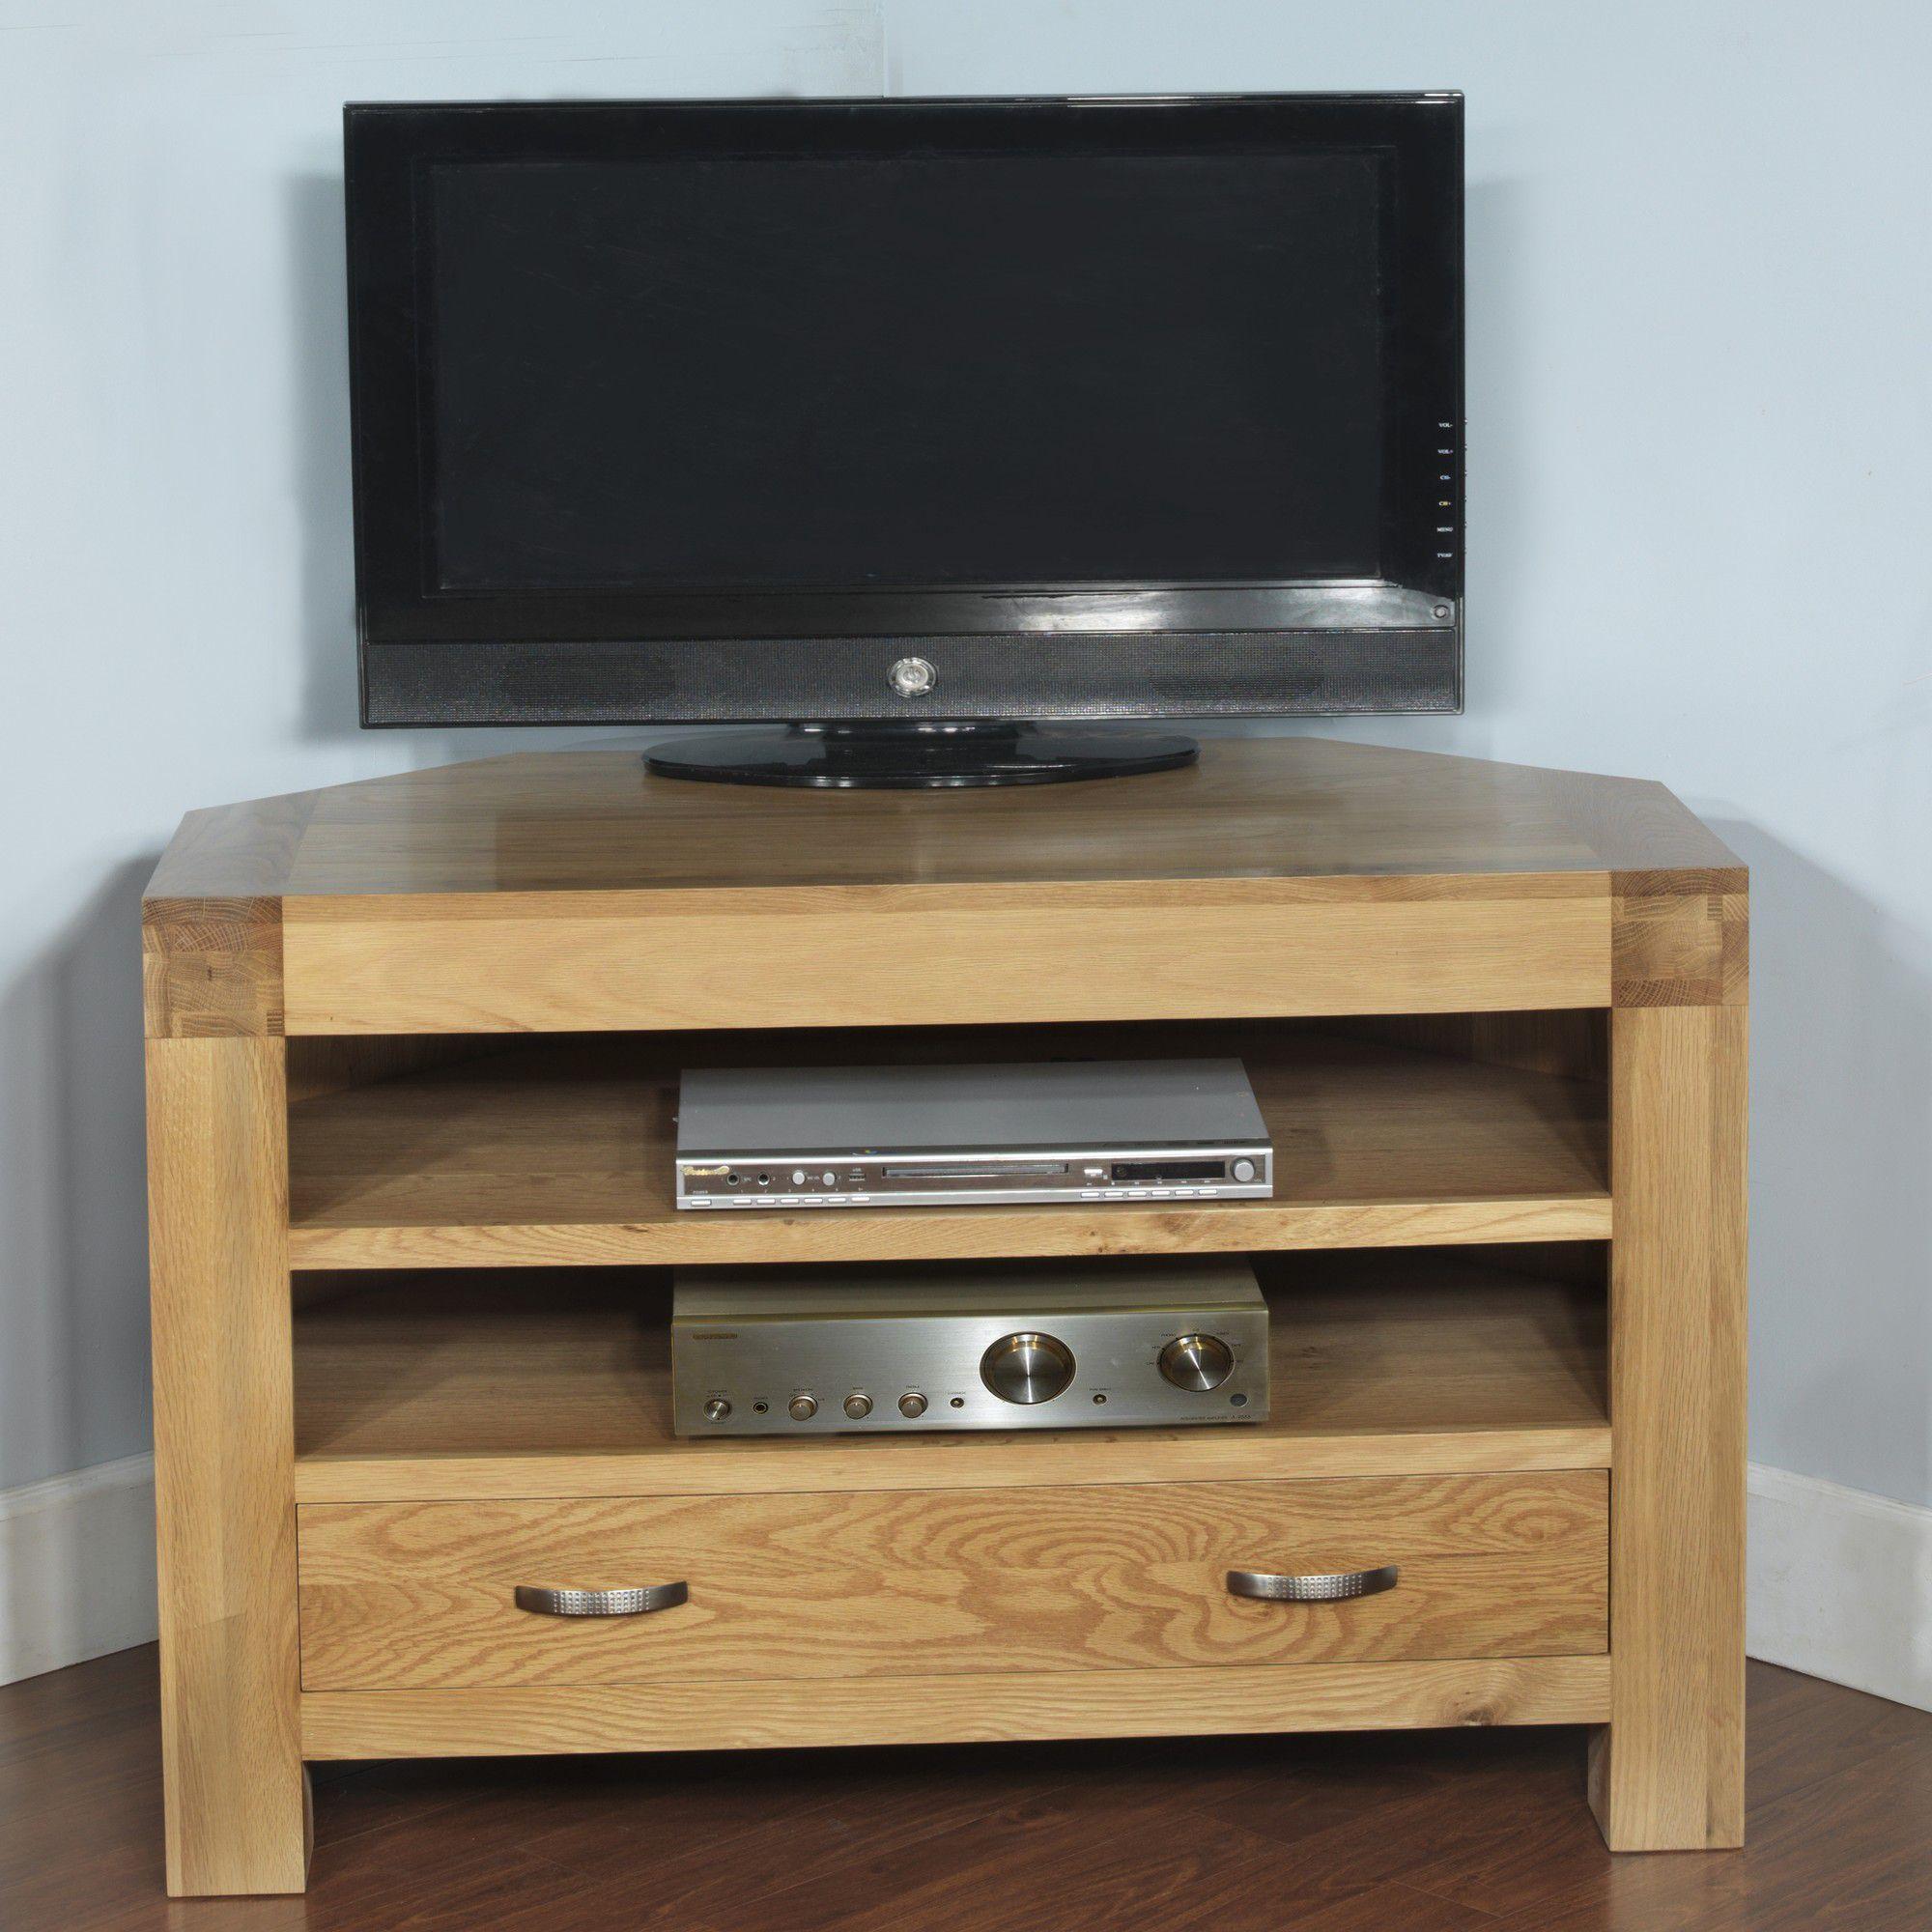 Hawkshead Rustic Oak Blonde Corner TV Cabinet at Tesco Direct